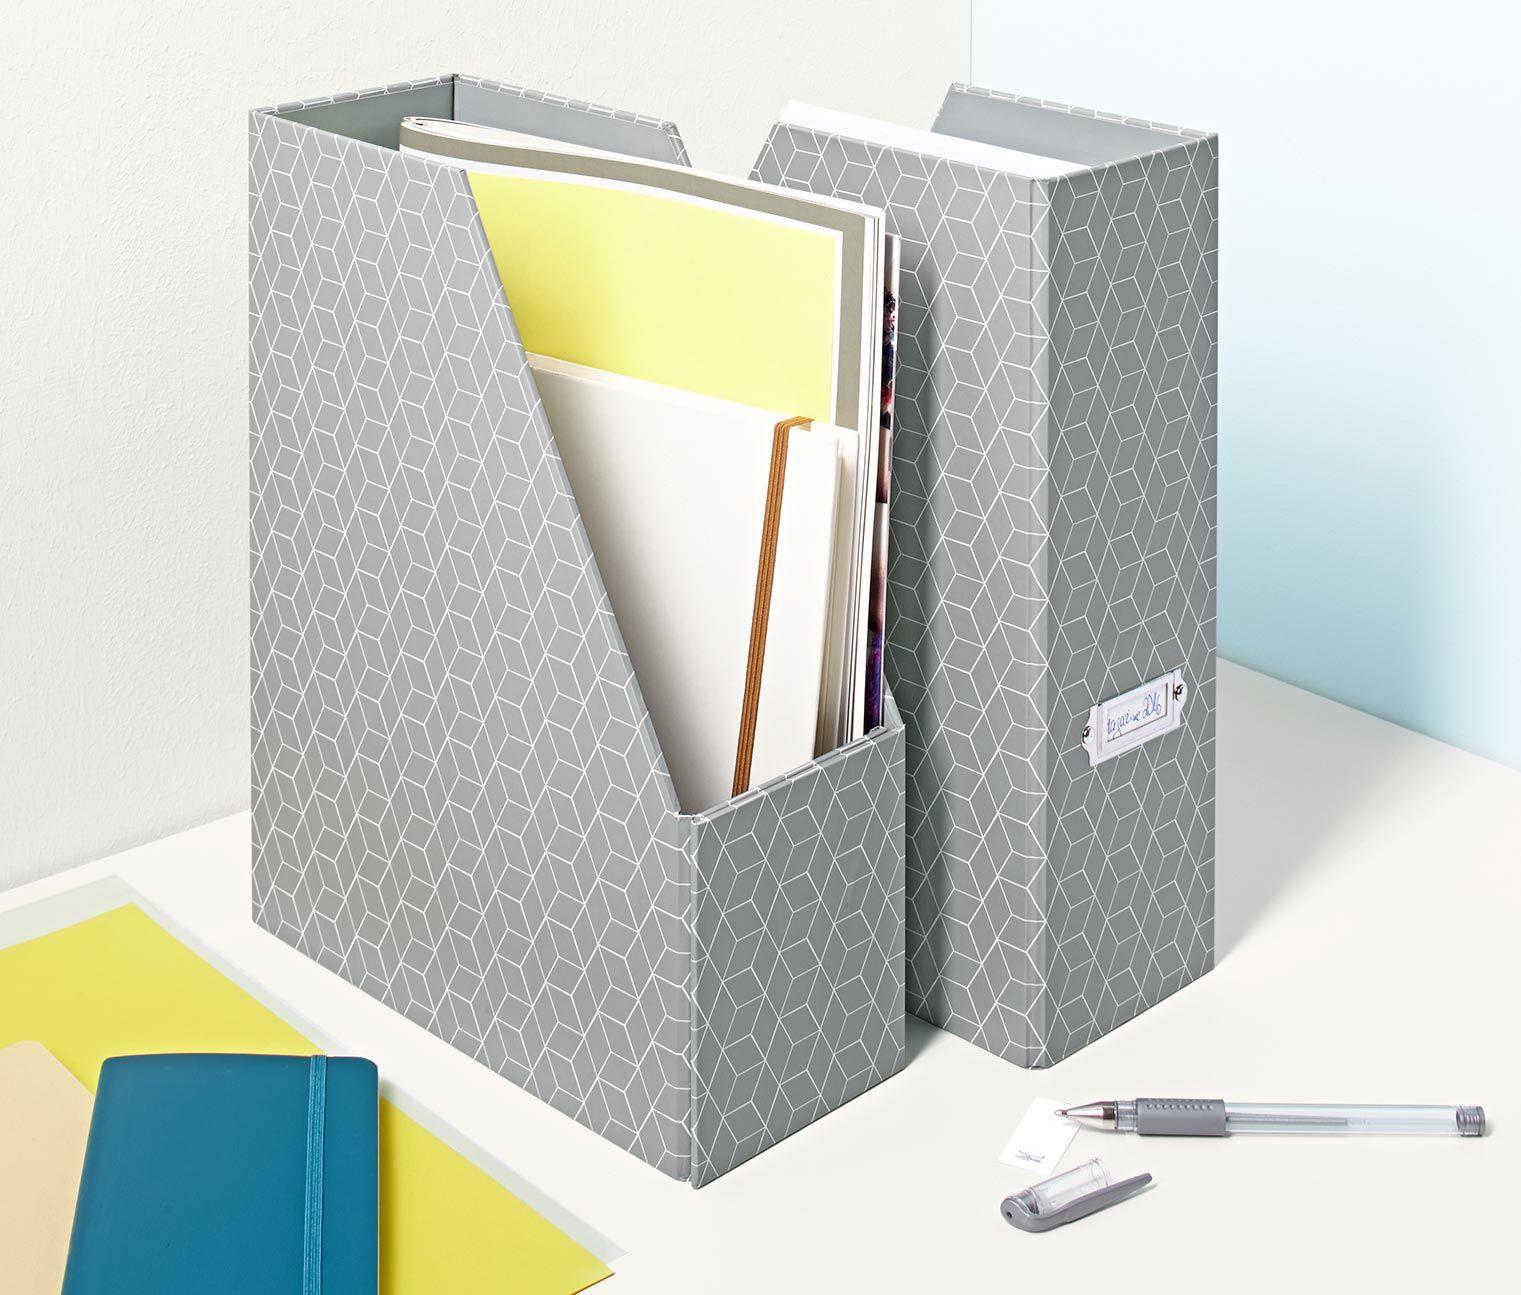 Stehsammler design  2 Stehsammler online bestellen bei Tchibo 323459   Büro   Pinterest